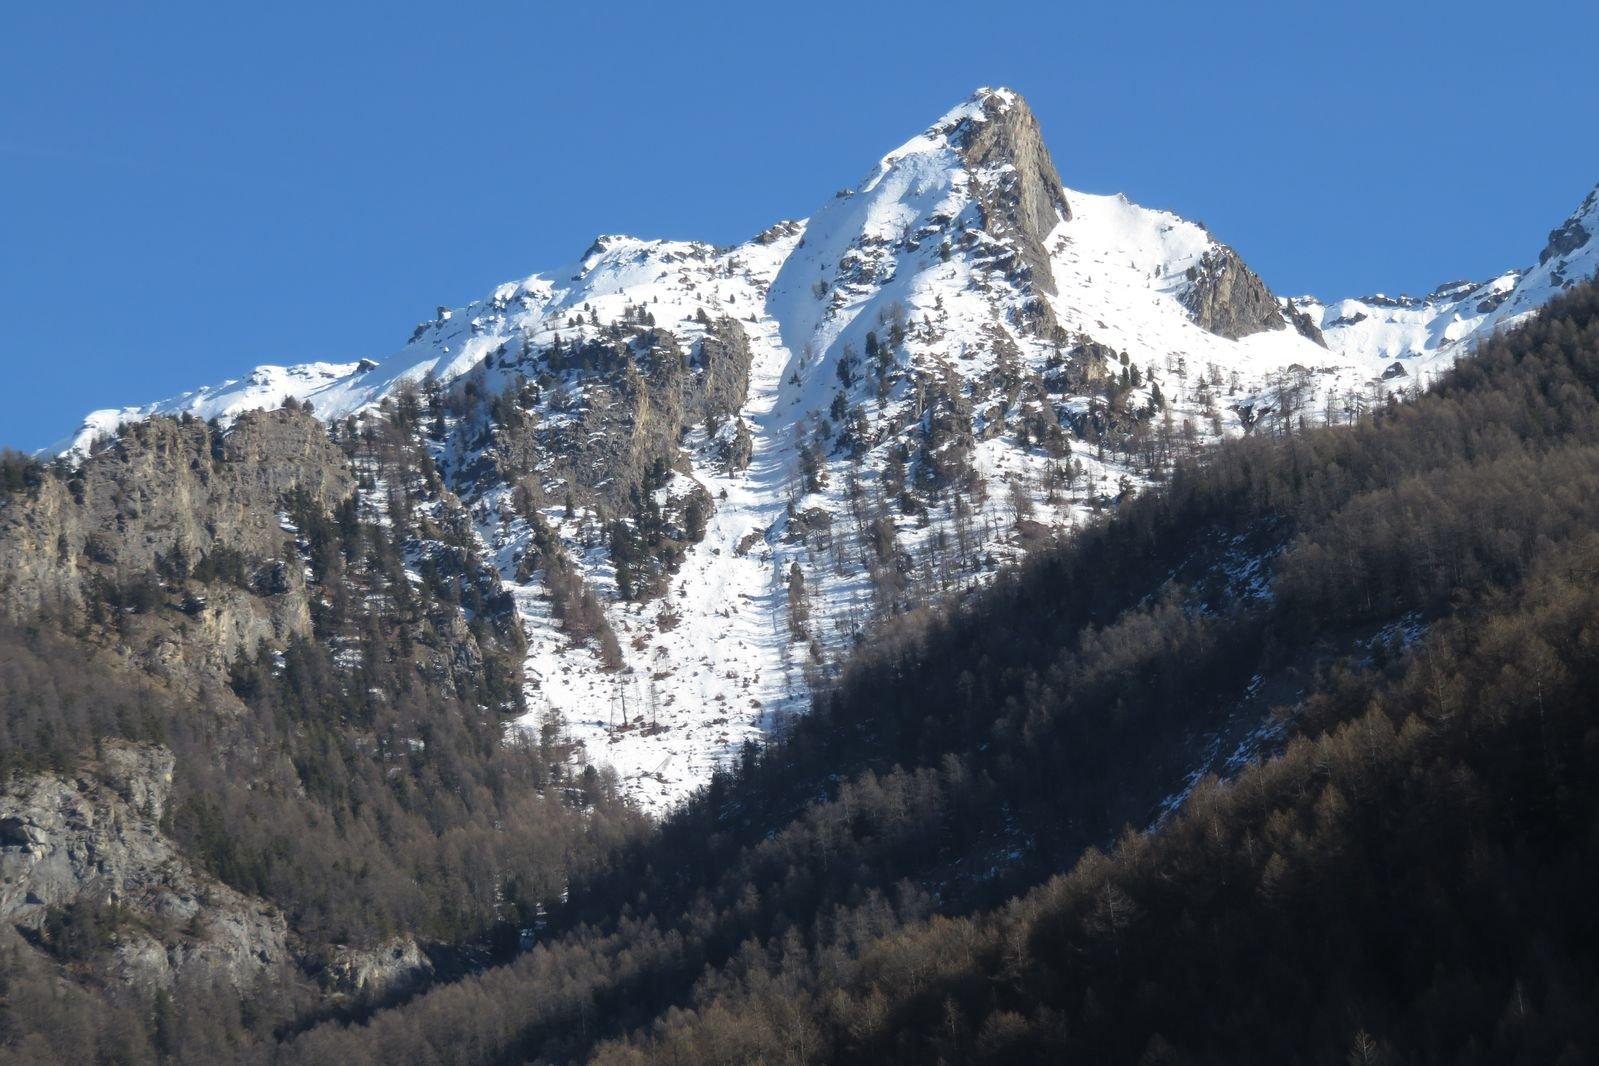 il canale/parete oggi visto dalla strada a monte di Pragelato